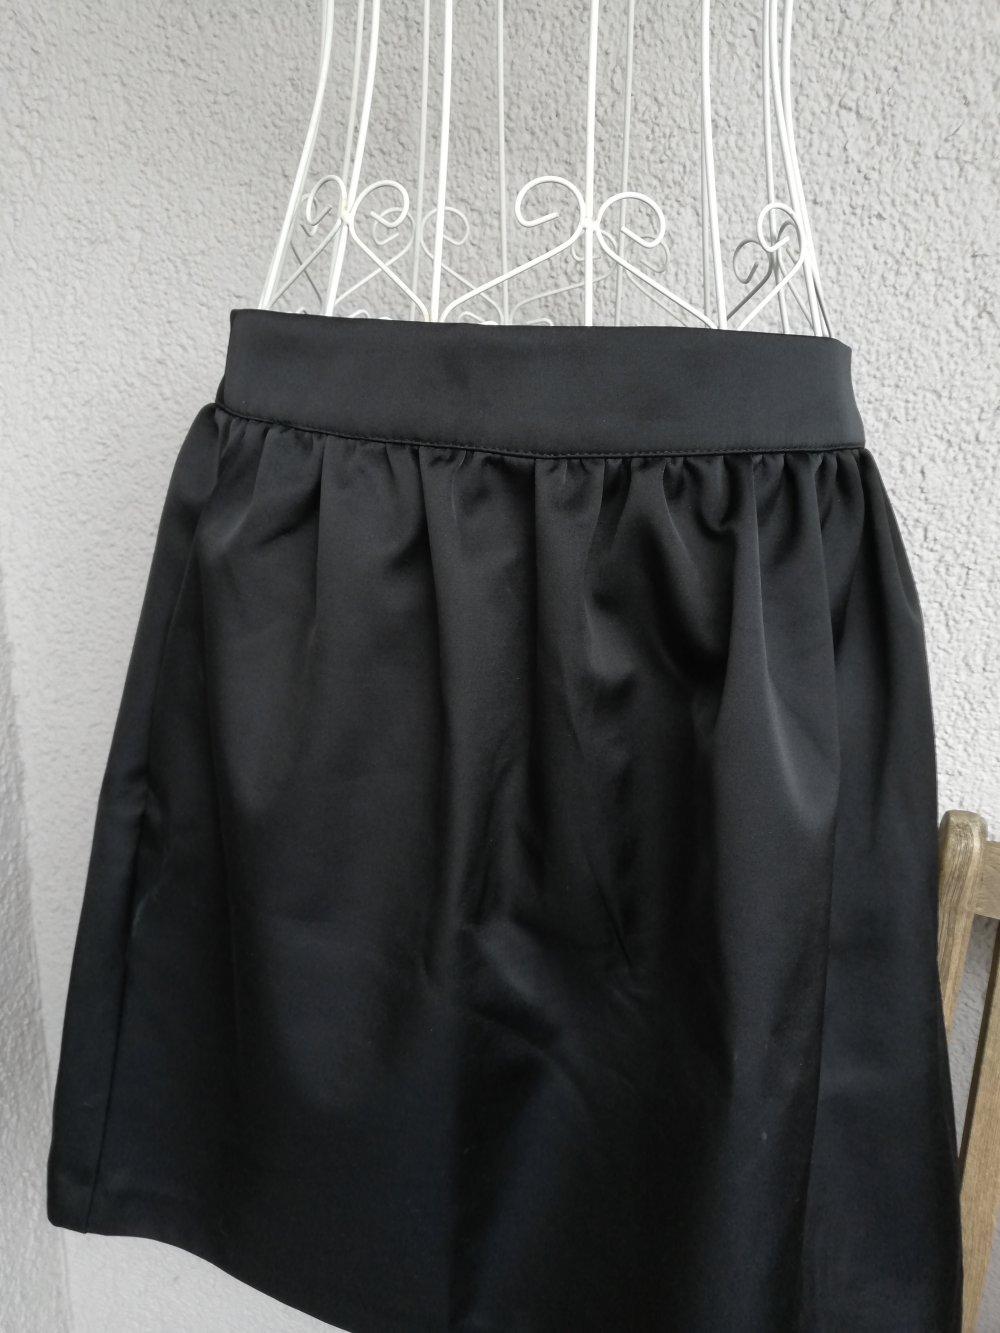 e7ef933bdbfb Neu! Super schöner schwarzer kurzer Rock von H&M